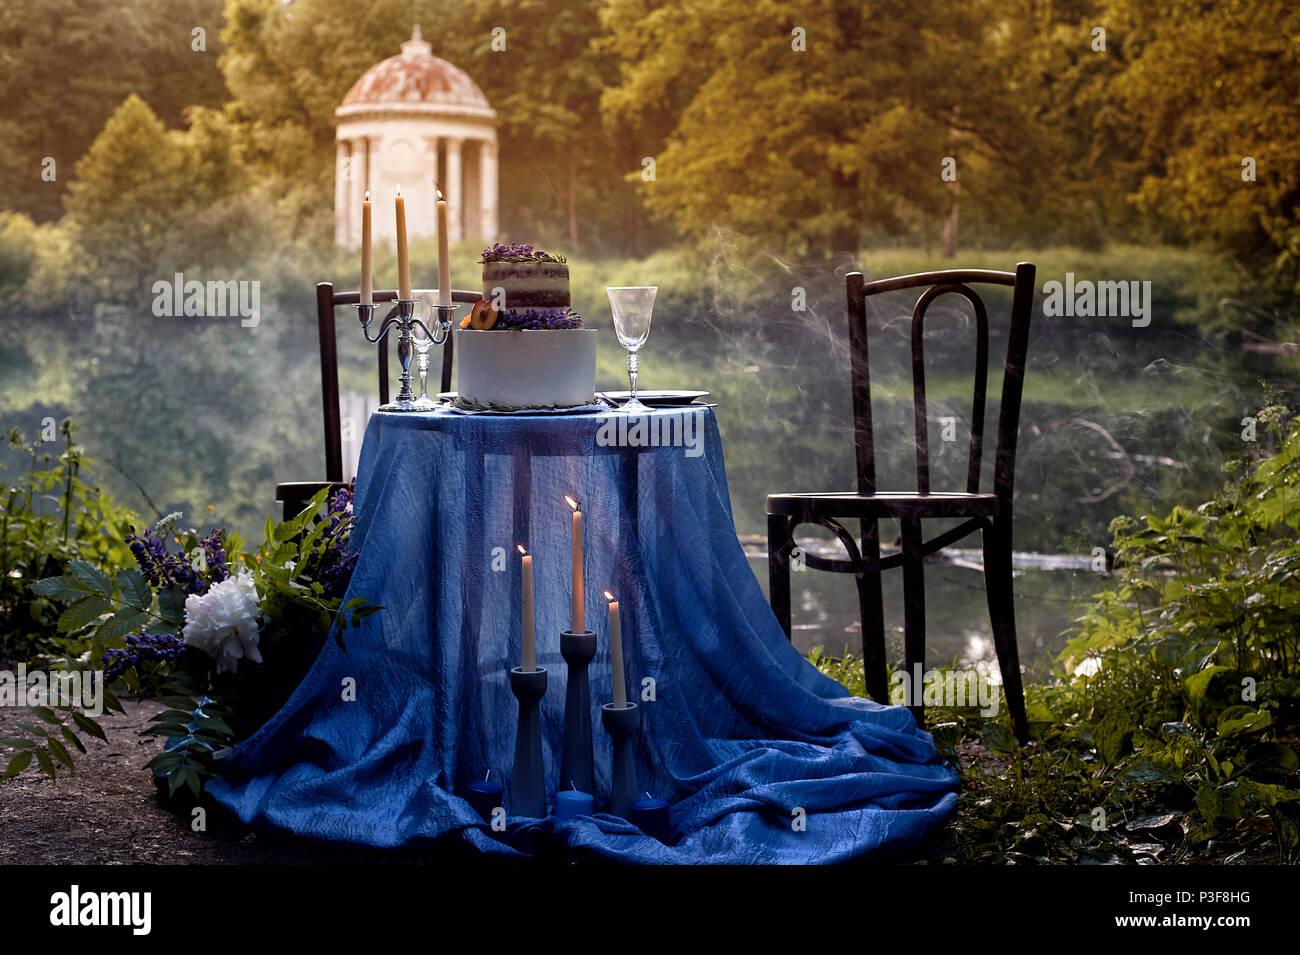 Romantische Hochzeit Abendessen, im Park am Wasser. Viel Grün. Stockbild